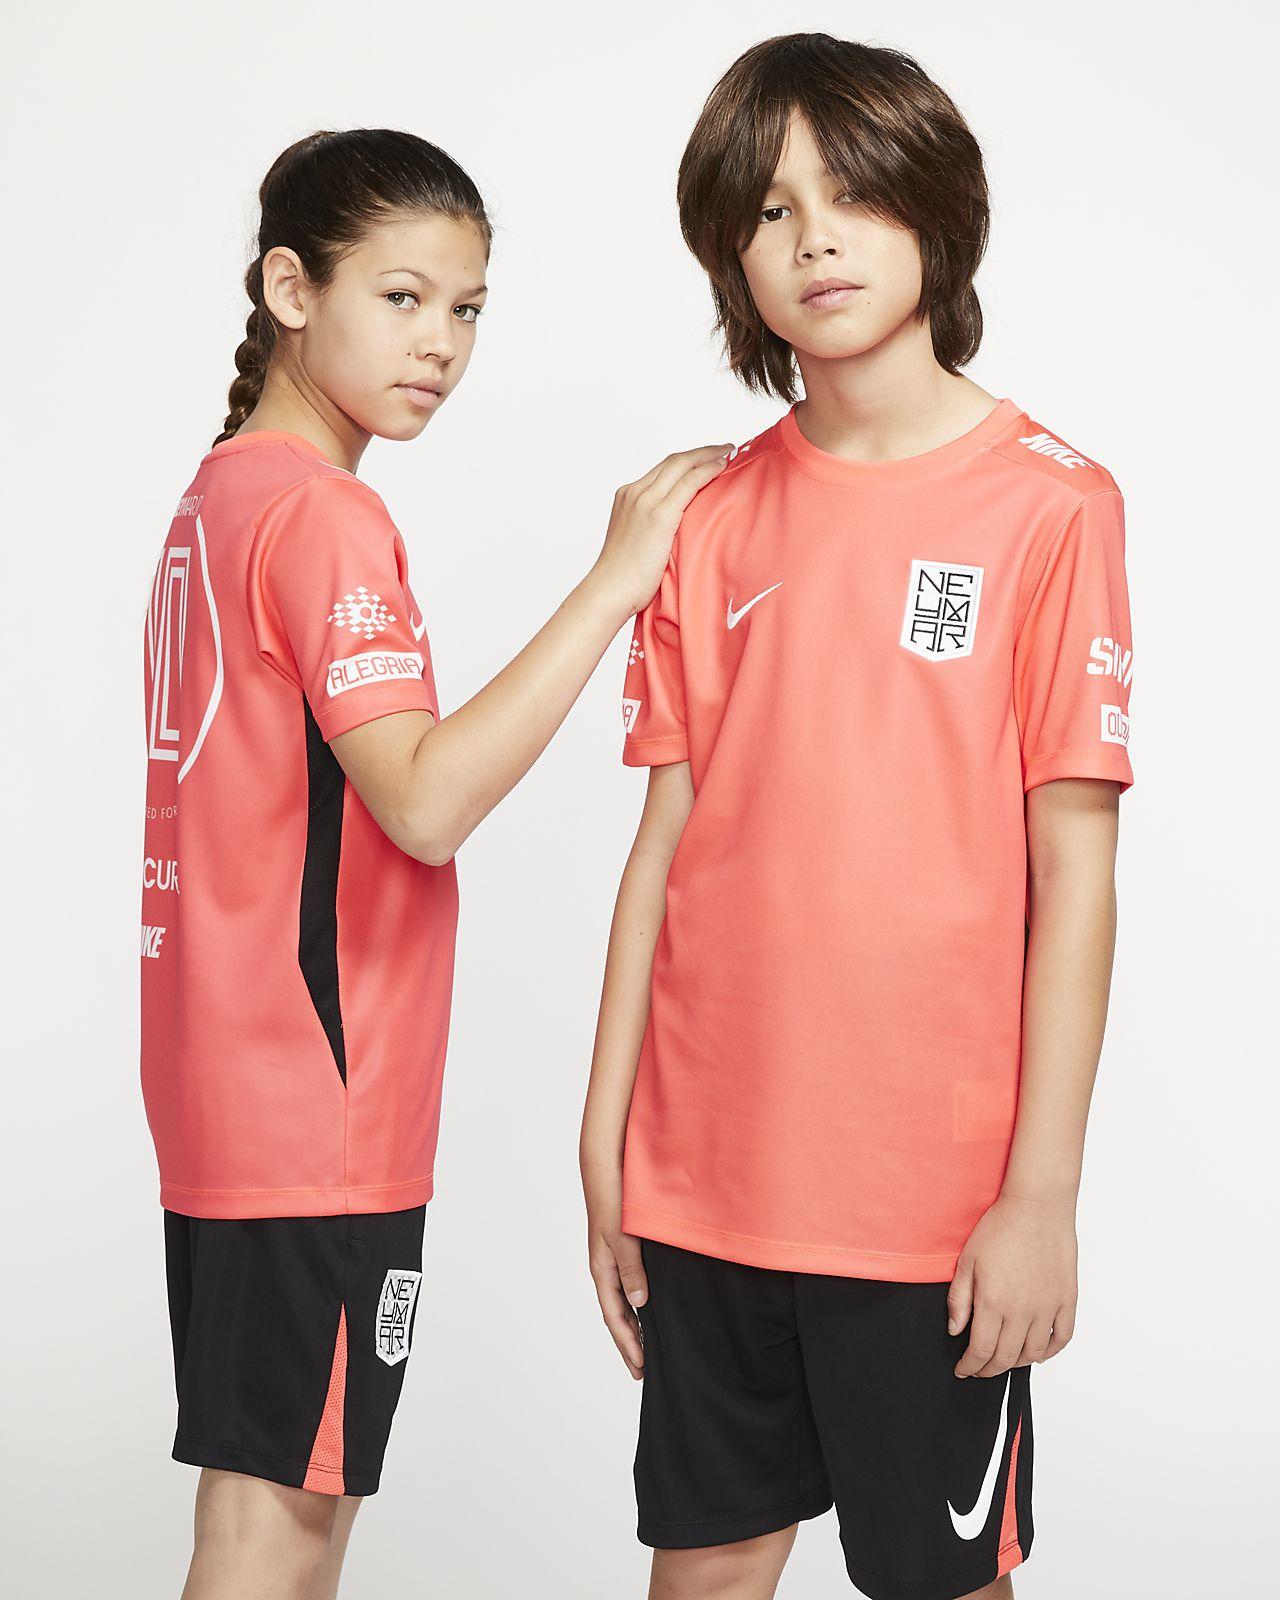 Κοντομάνικη ποδοσφαιρική μπλούζα Nike Dri-FIT Neymar Jr. για μεγάλα παιδιά